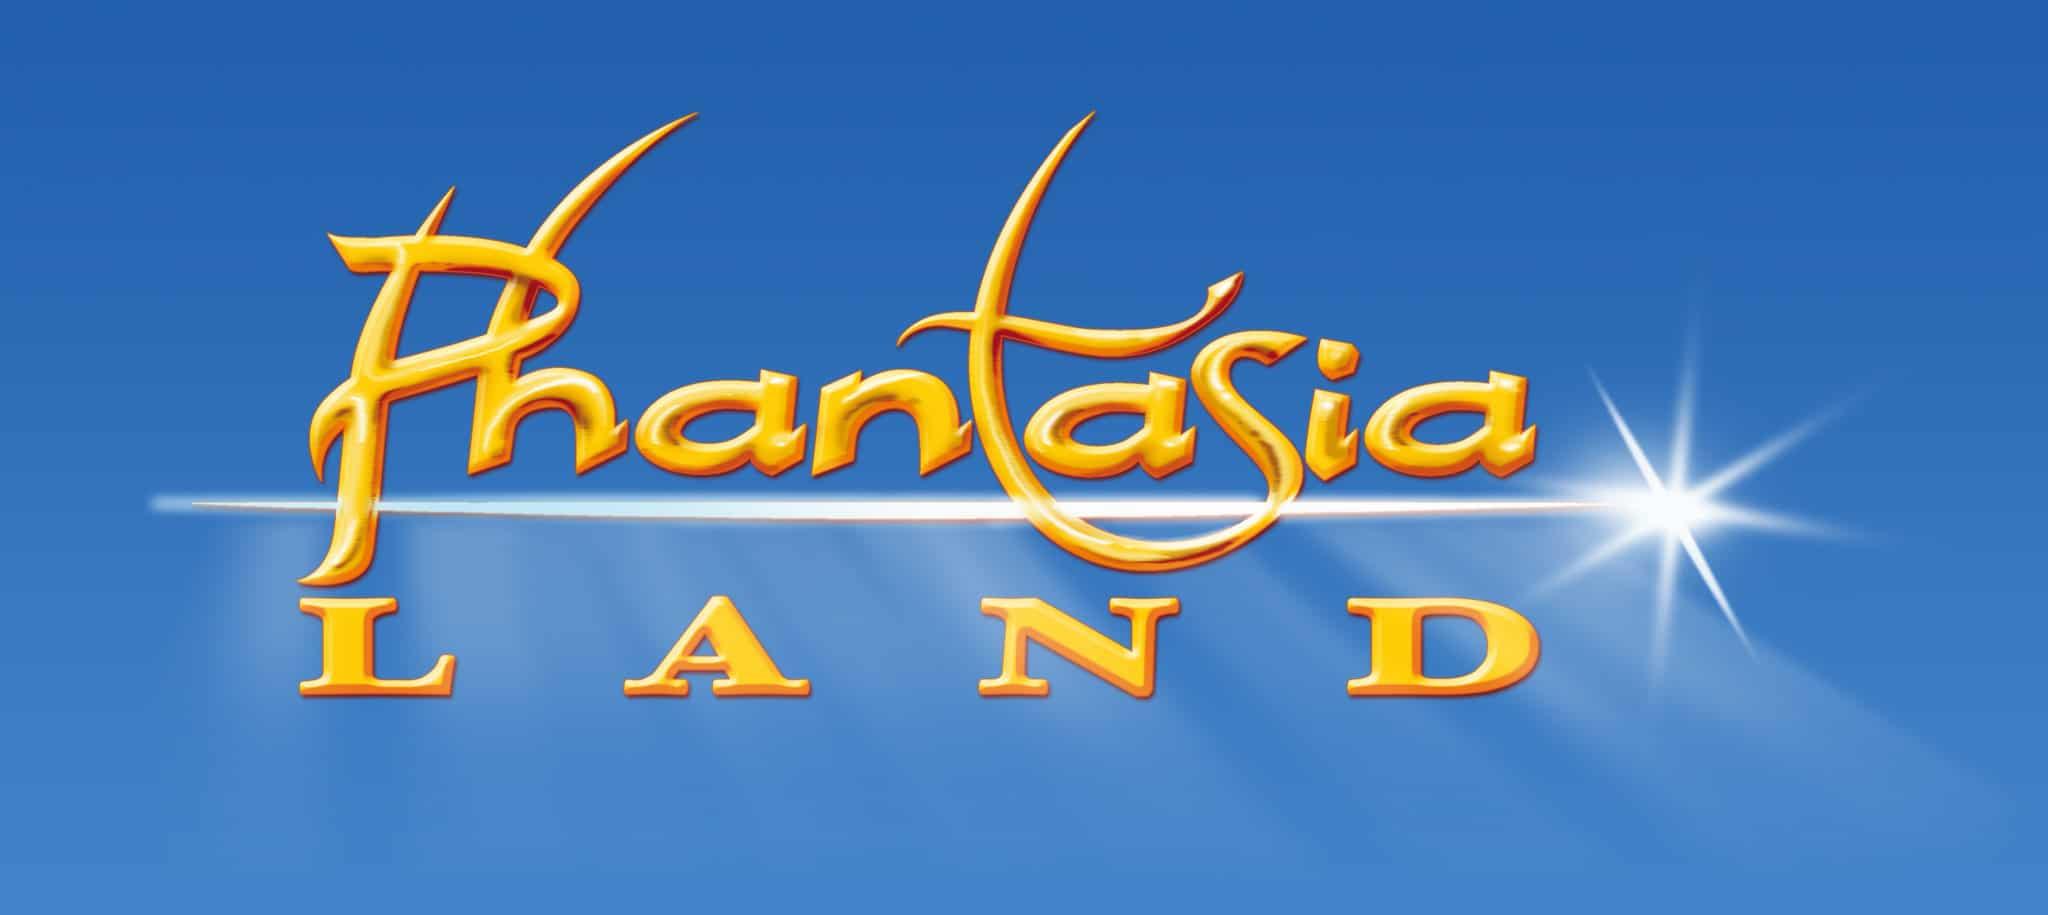 LogoPhantasialand